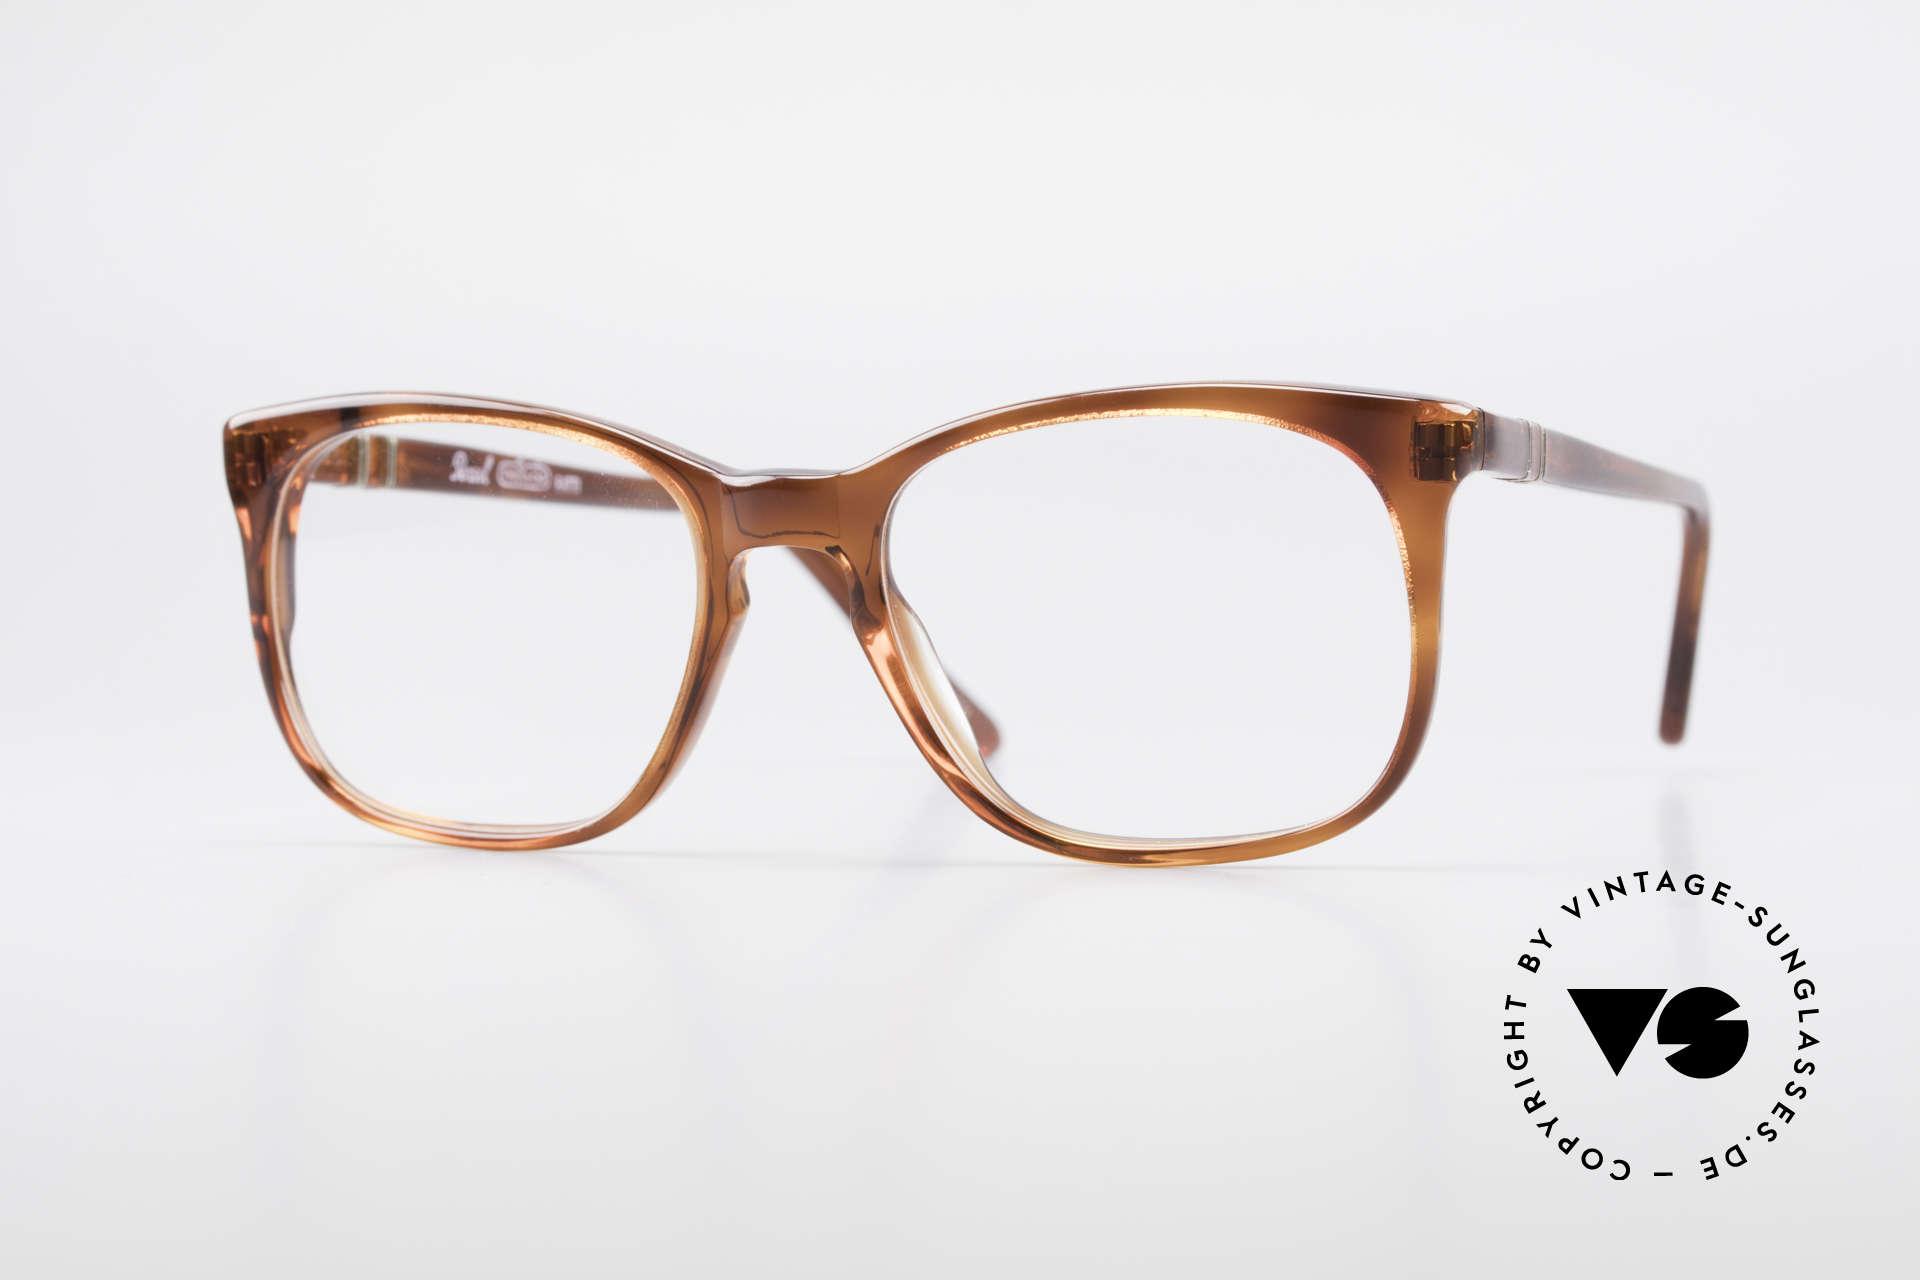 Persol 93145 Ratti Small Classic 80's Eyeglasses, SMALL, old Persol Ratti eyeglasses from 1986, Made for Men and Women